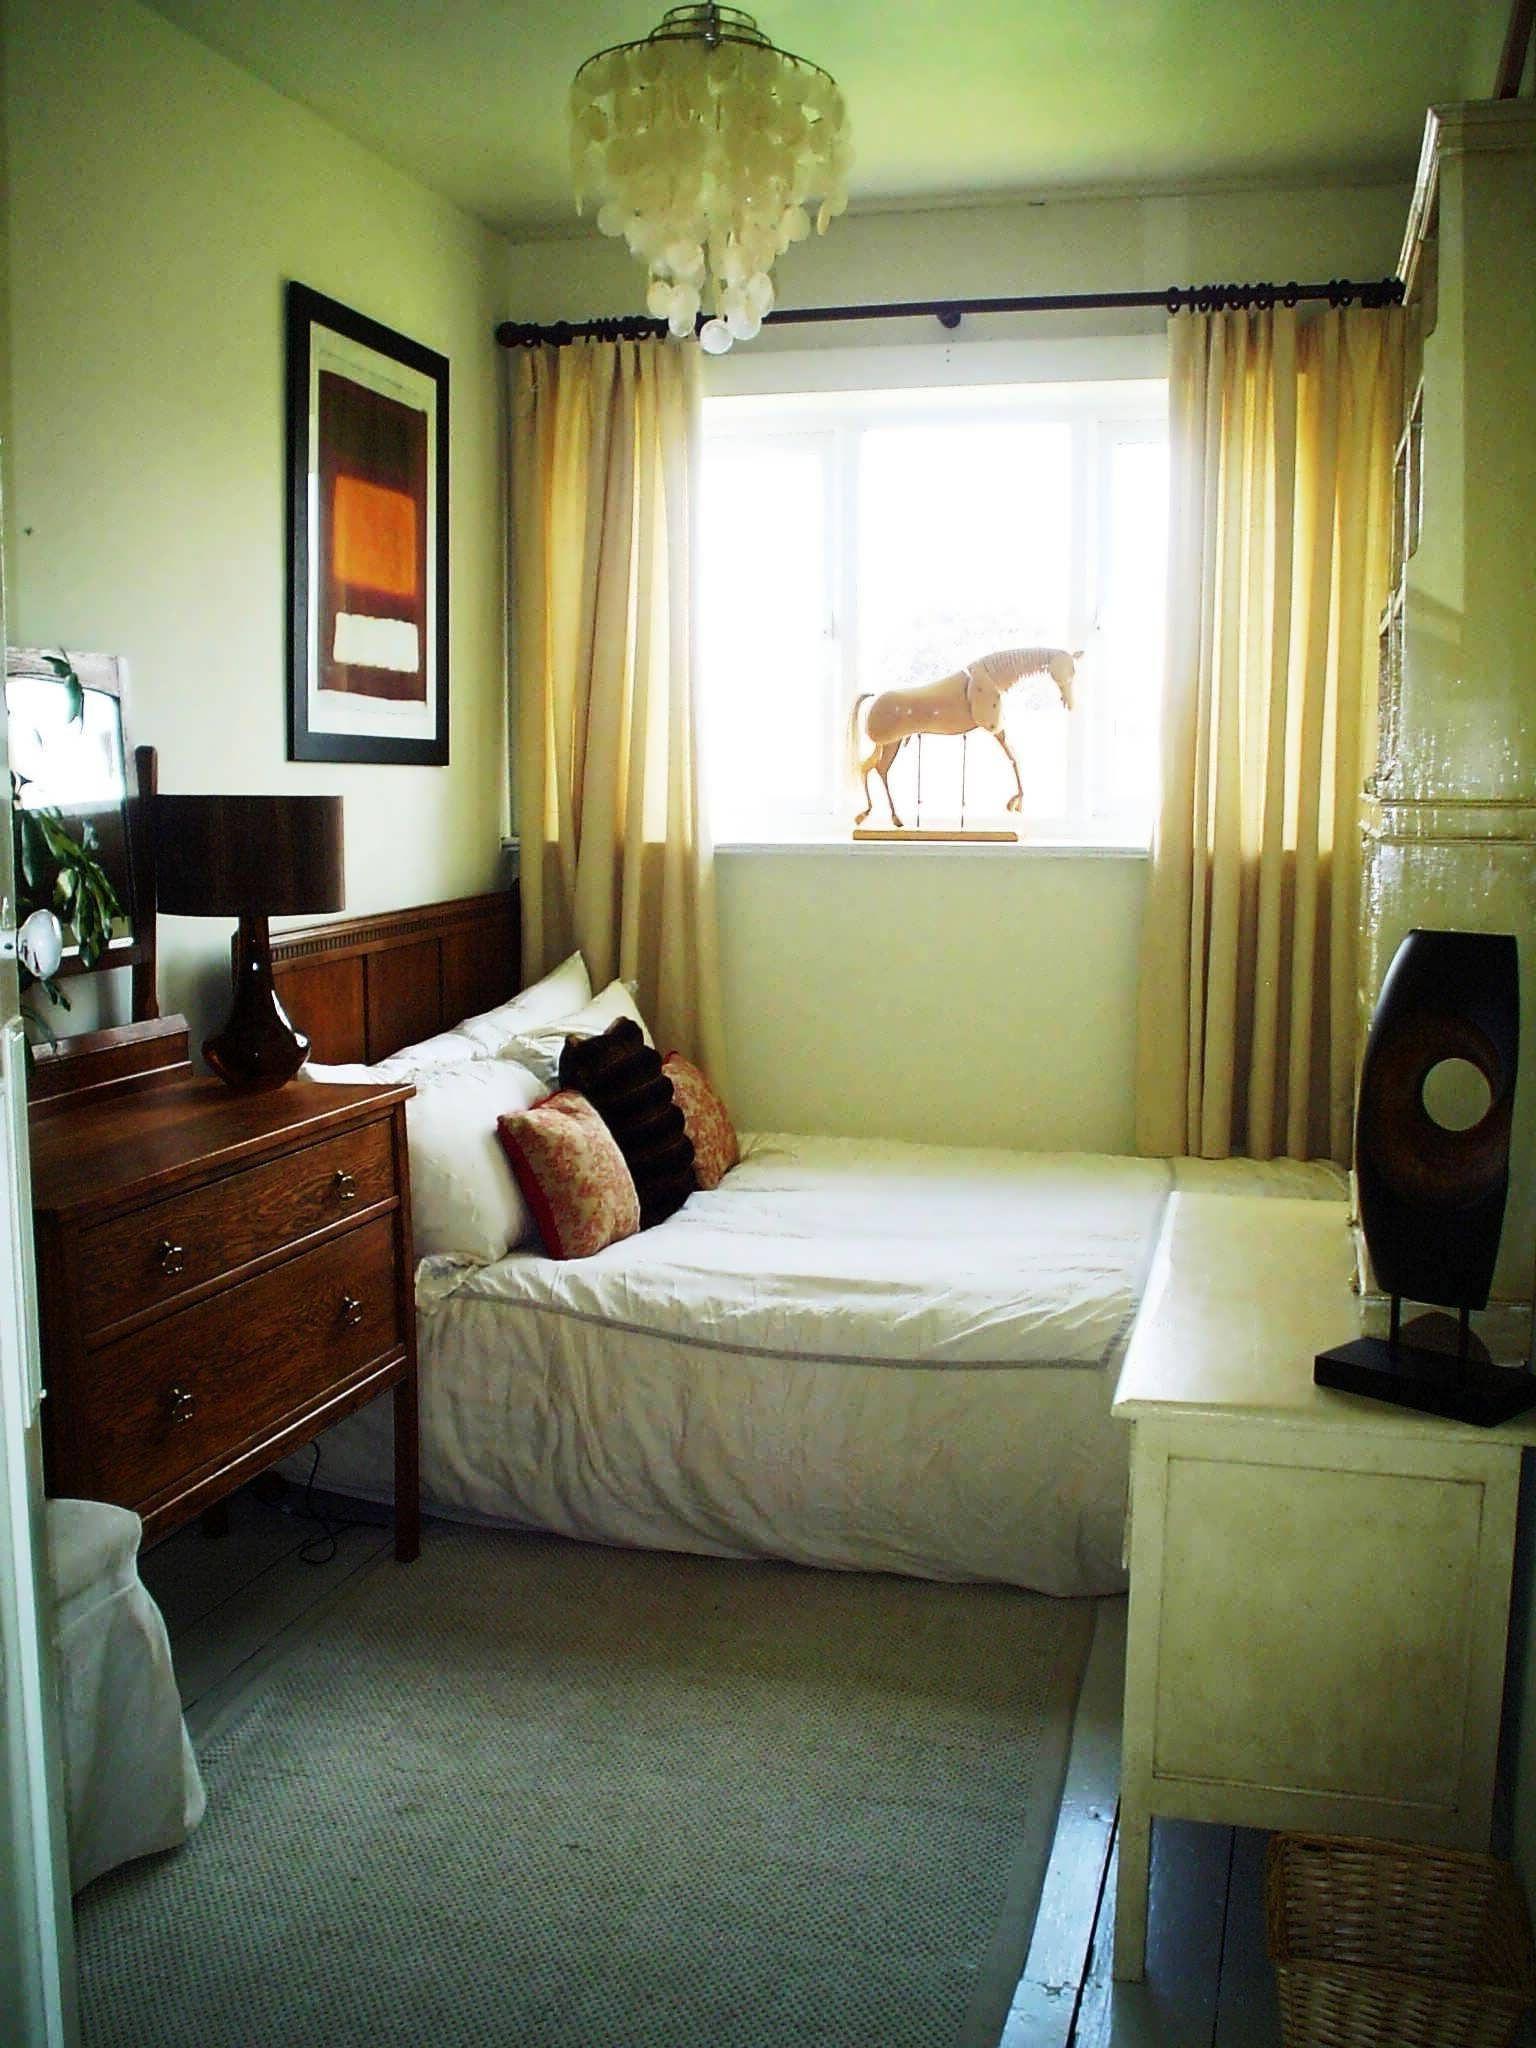 Schlafzimmer Renovieren Ideen Was Brauchen Sie Konnten Sie